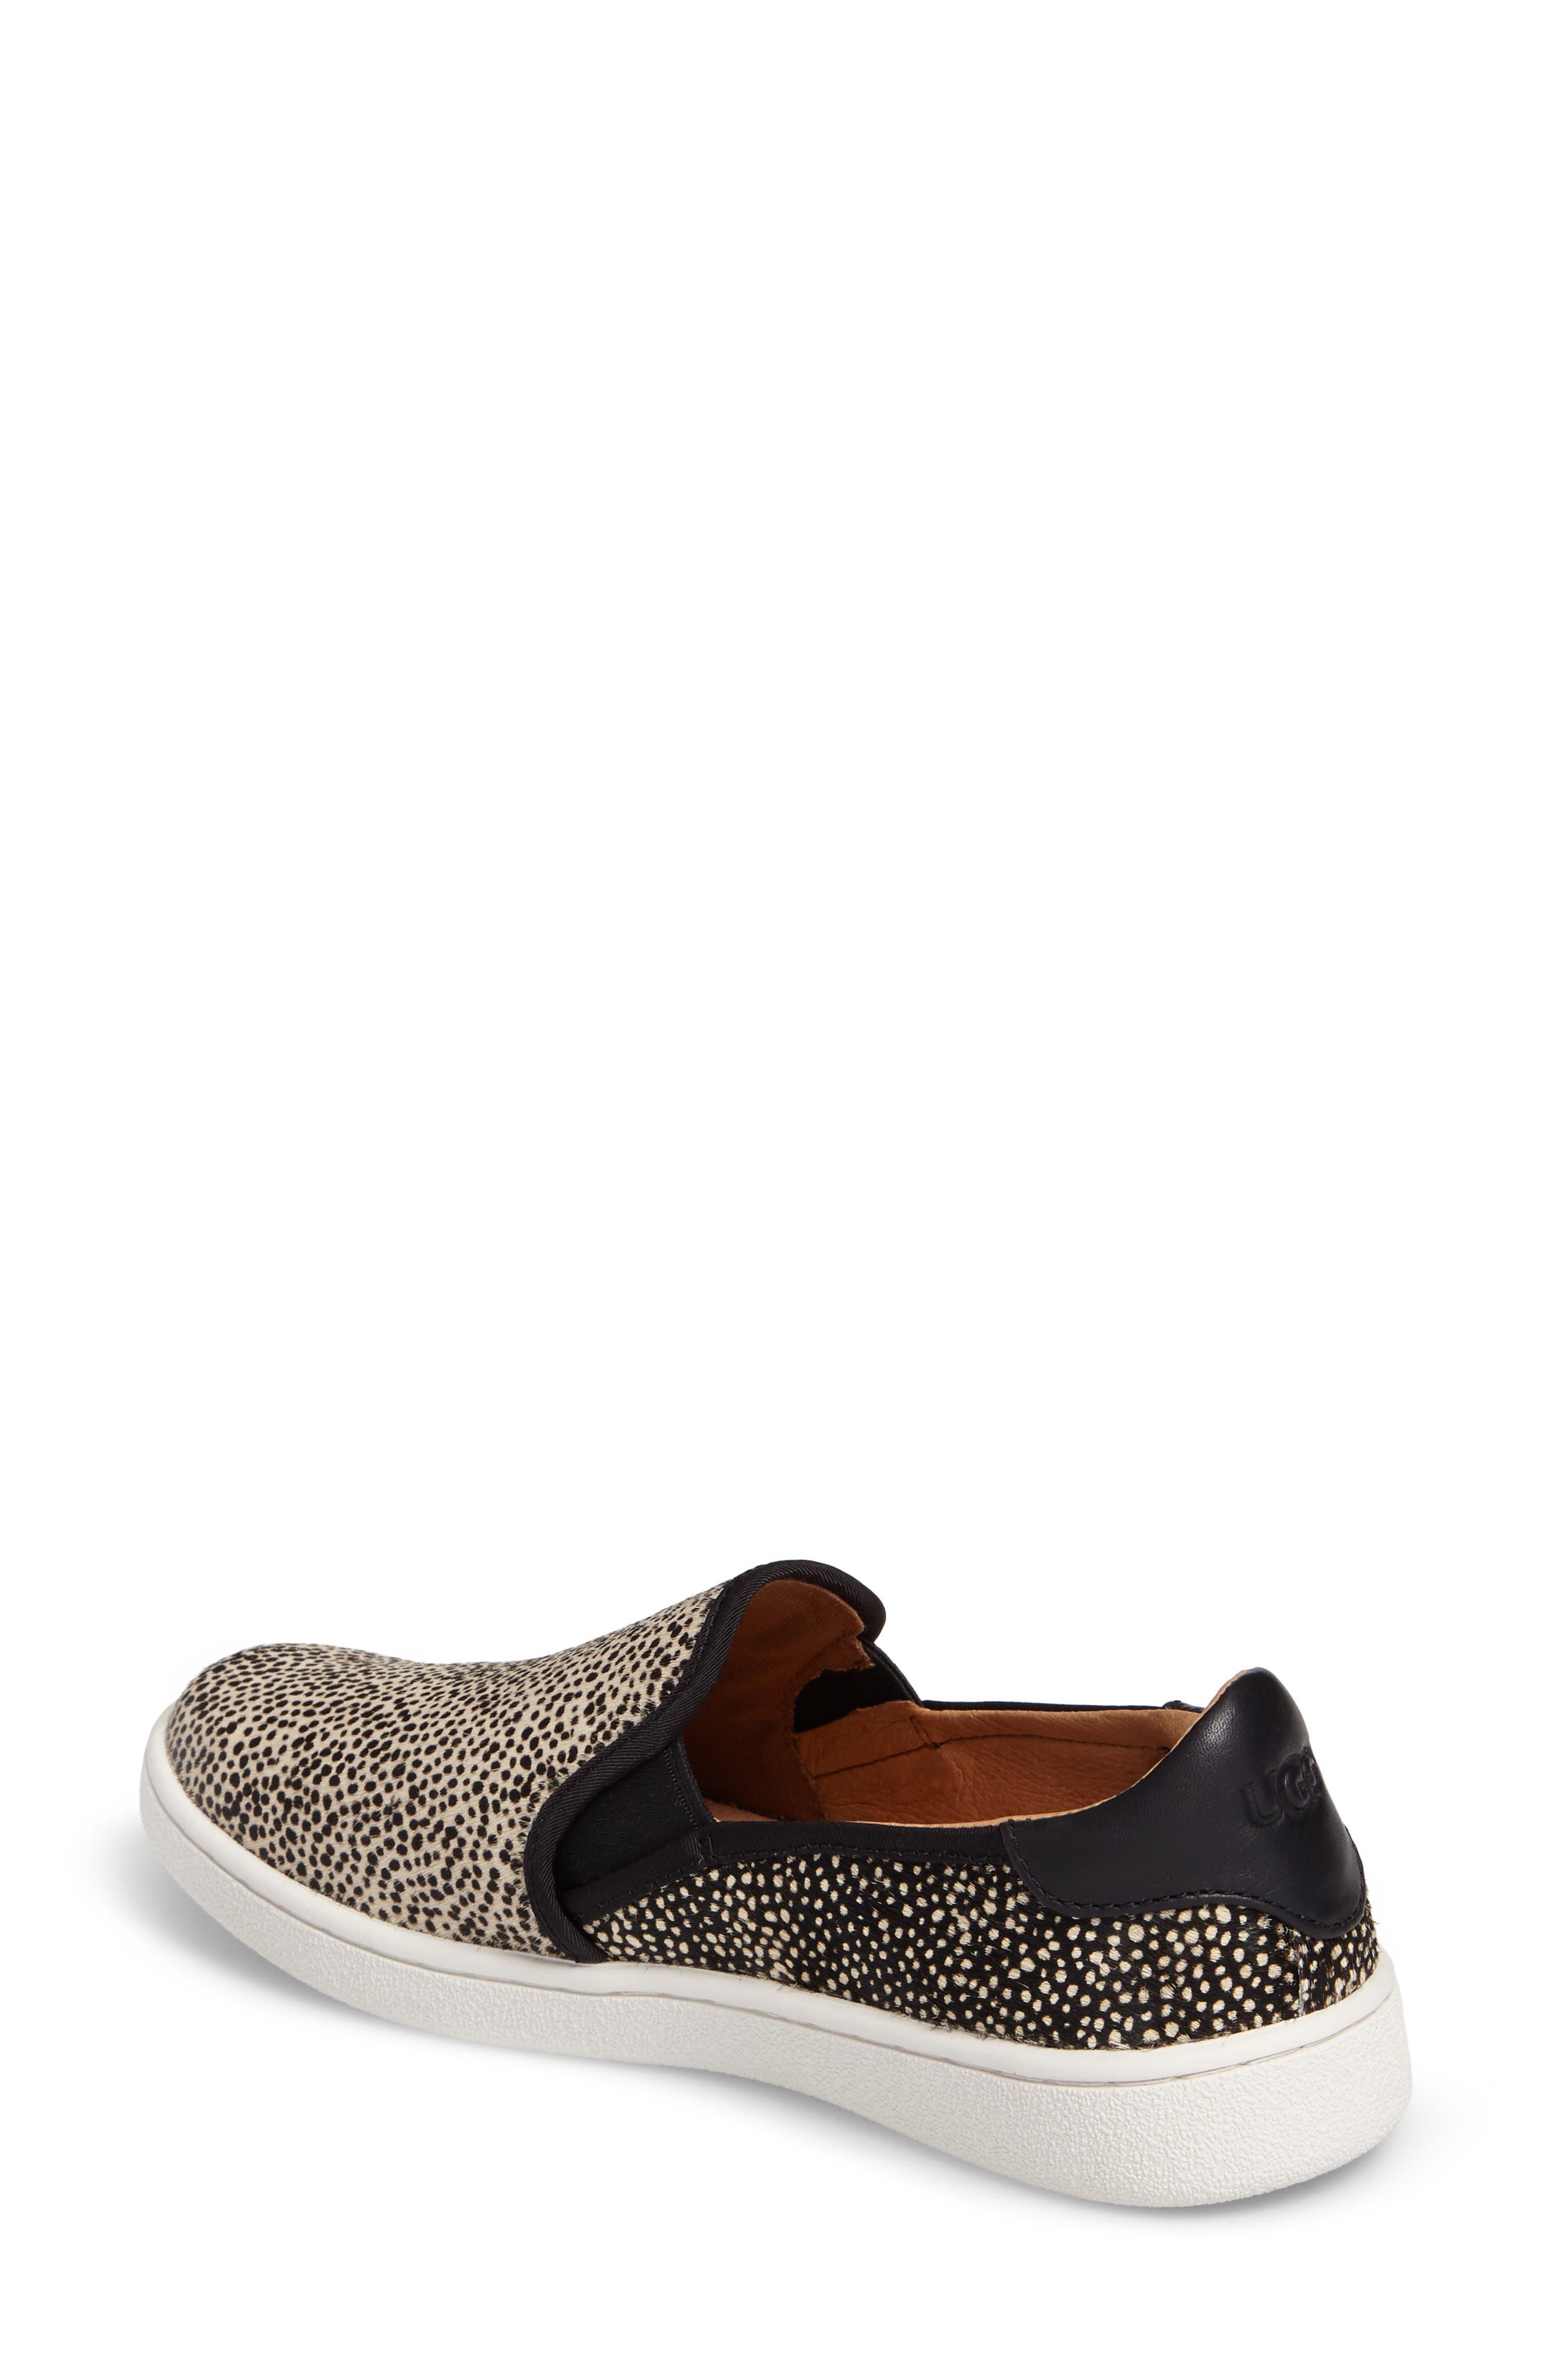 Alternate Image 2  - UGG® Cas Exotic Genuine Calf Hair Slip-On Sneaker (Women)